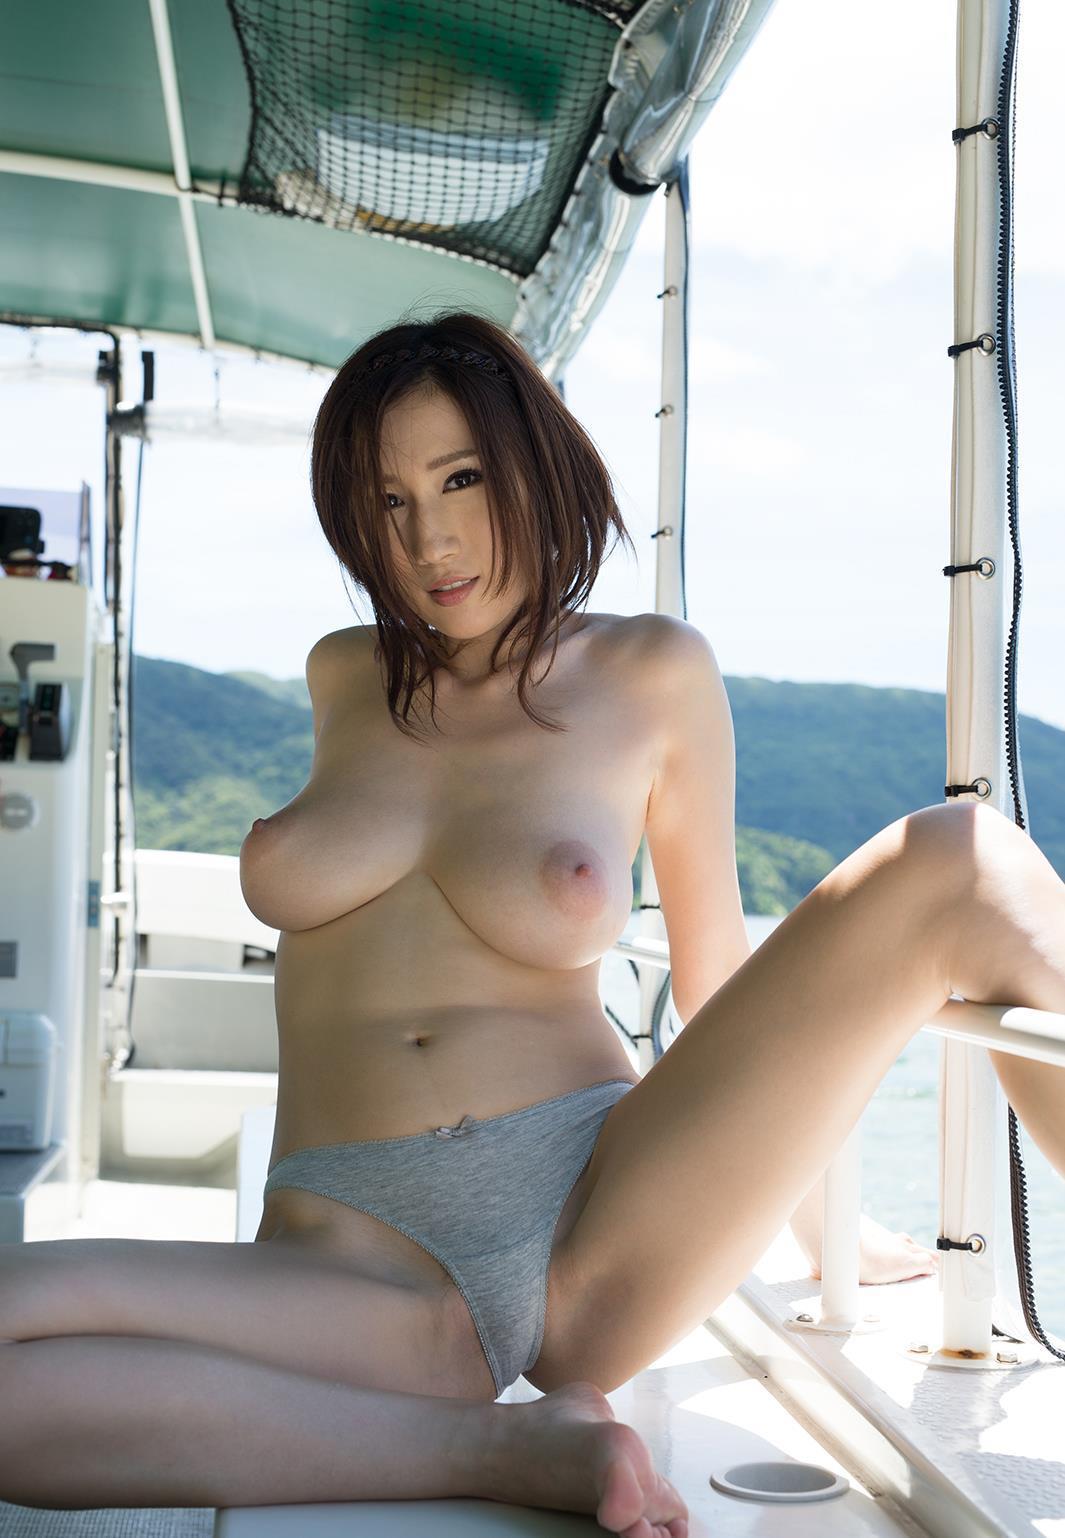 三次元 3次元 エロ画像 AV女優 JULIA ヌード べっぴん娘通信 078